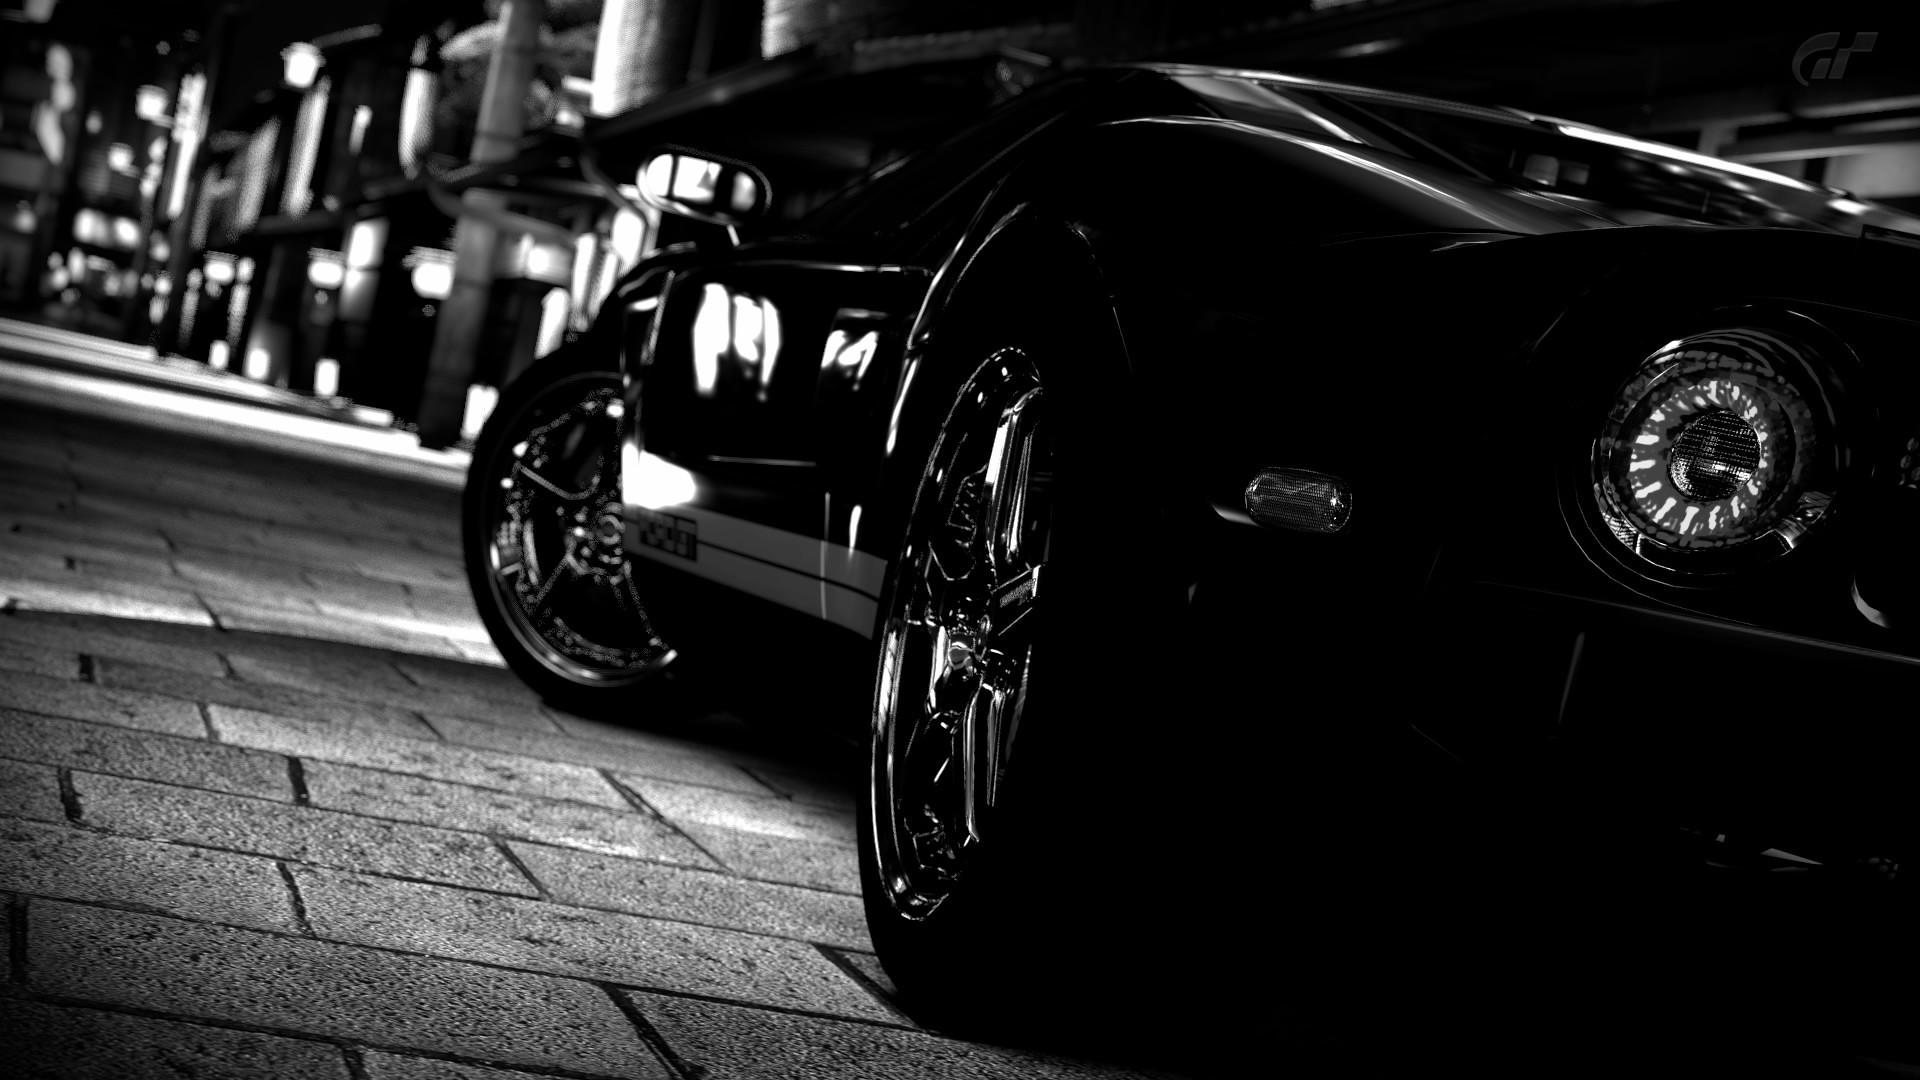 1920x1080 Audi Super Sport Car Hd Wallpapers 1080p